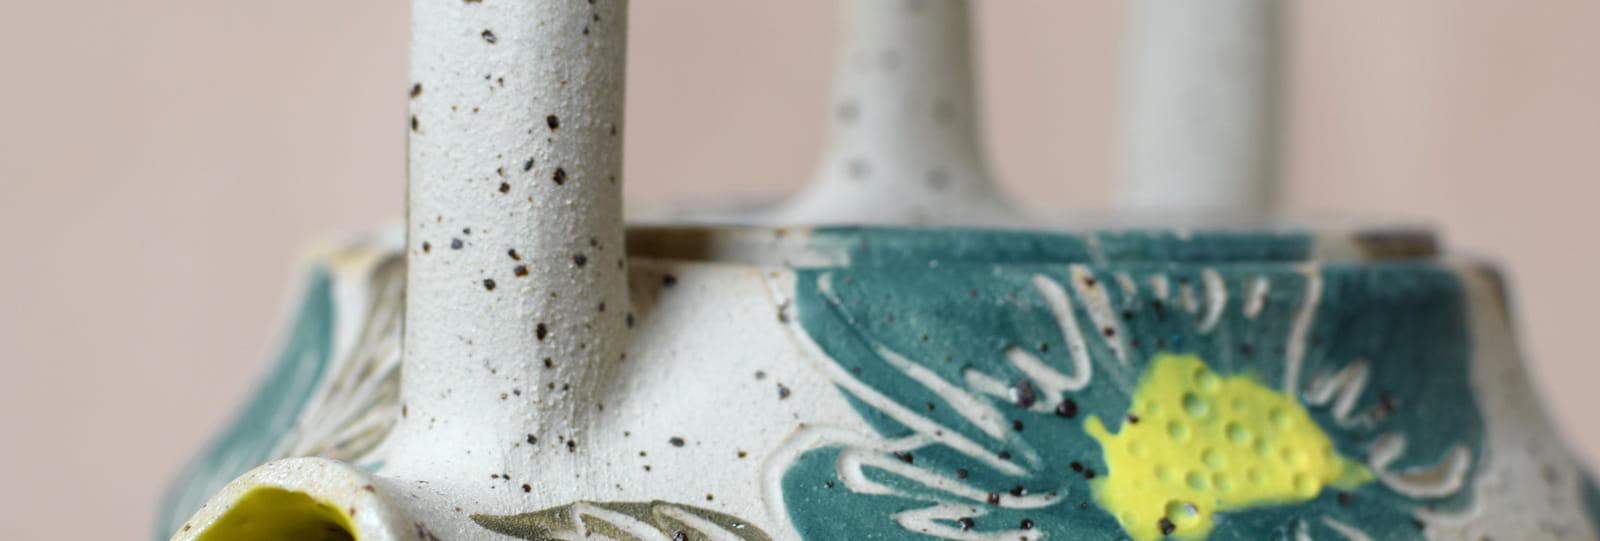 Le Terrarium - Atelier Céramique Artisanale